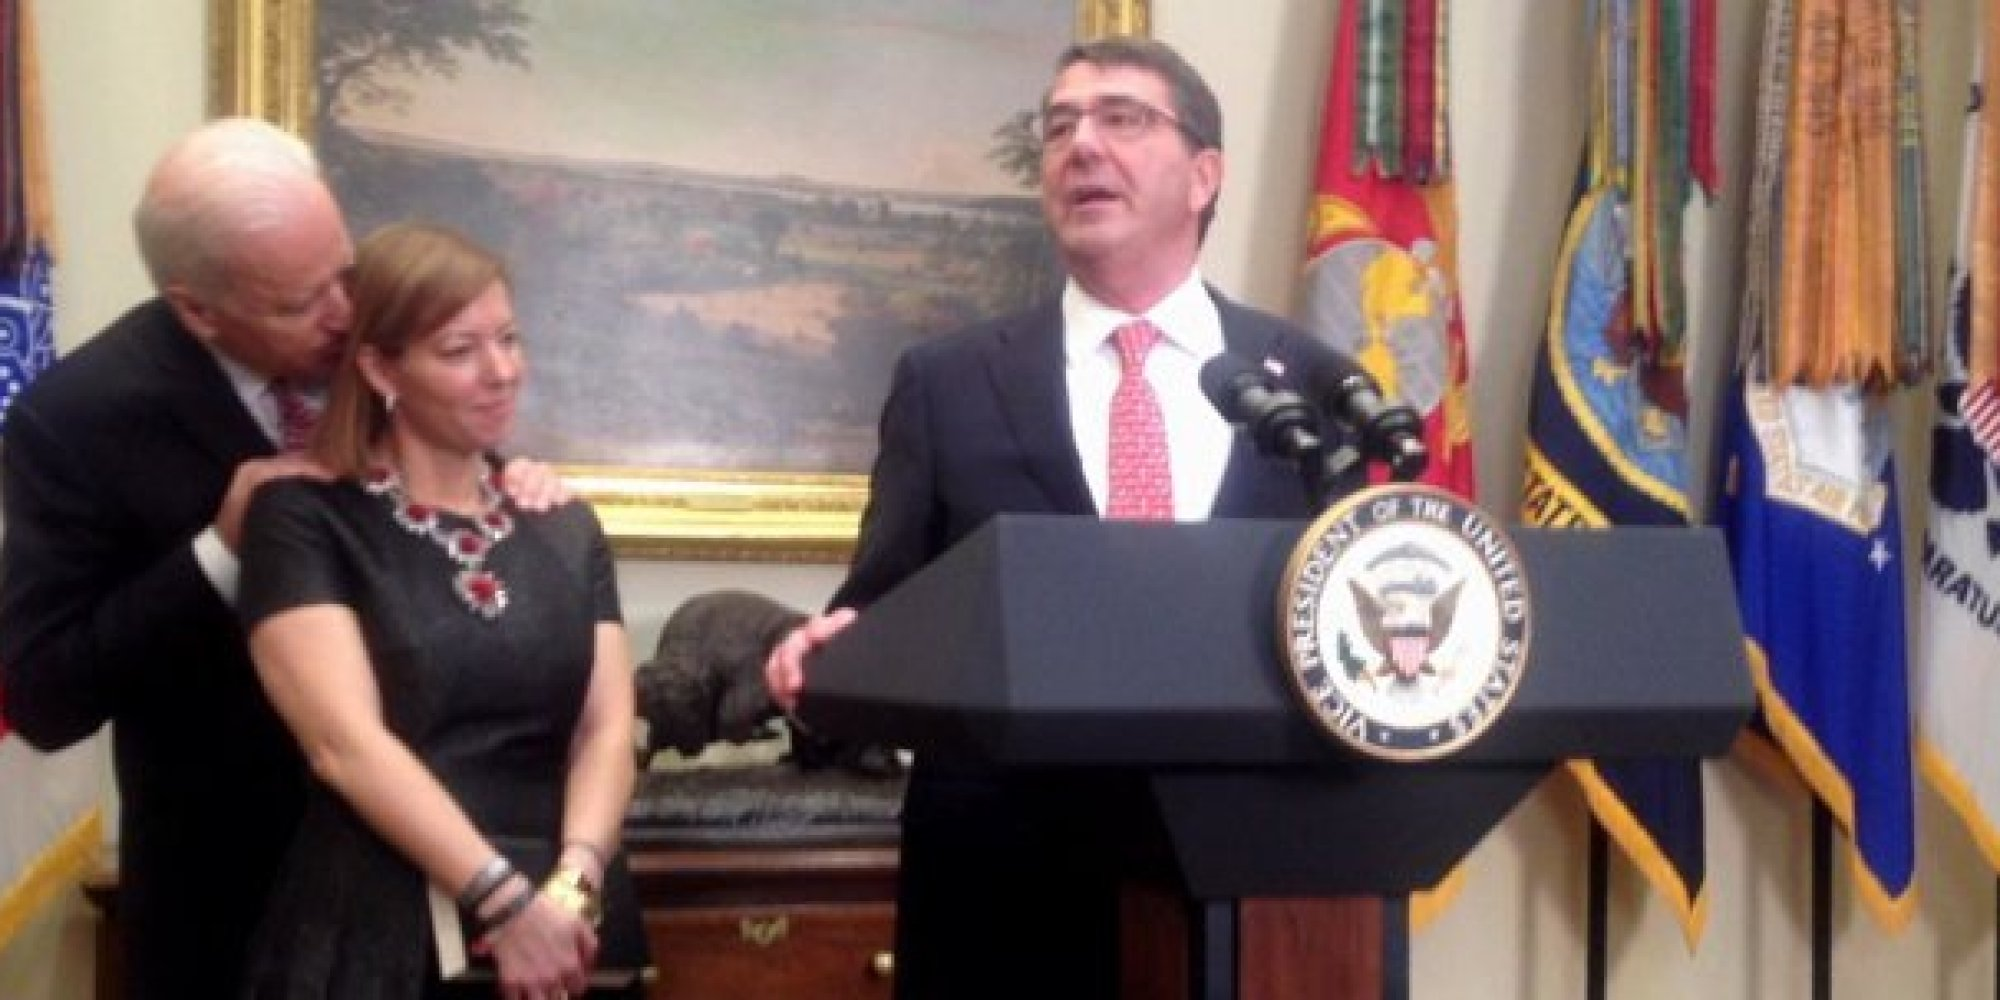 Glenn Beck Thinks Joe Biden Is Super Creepy | HuffPost